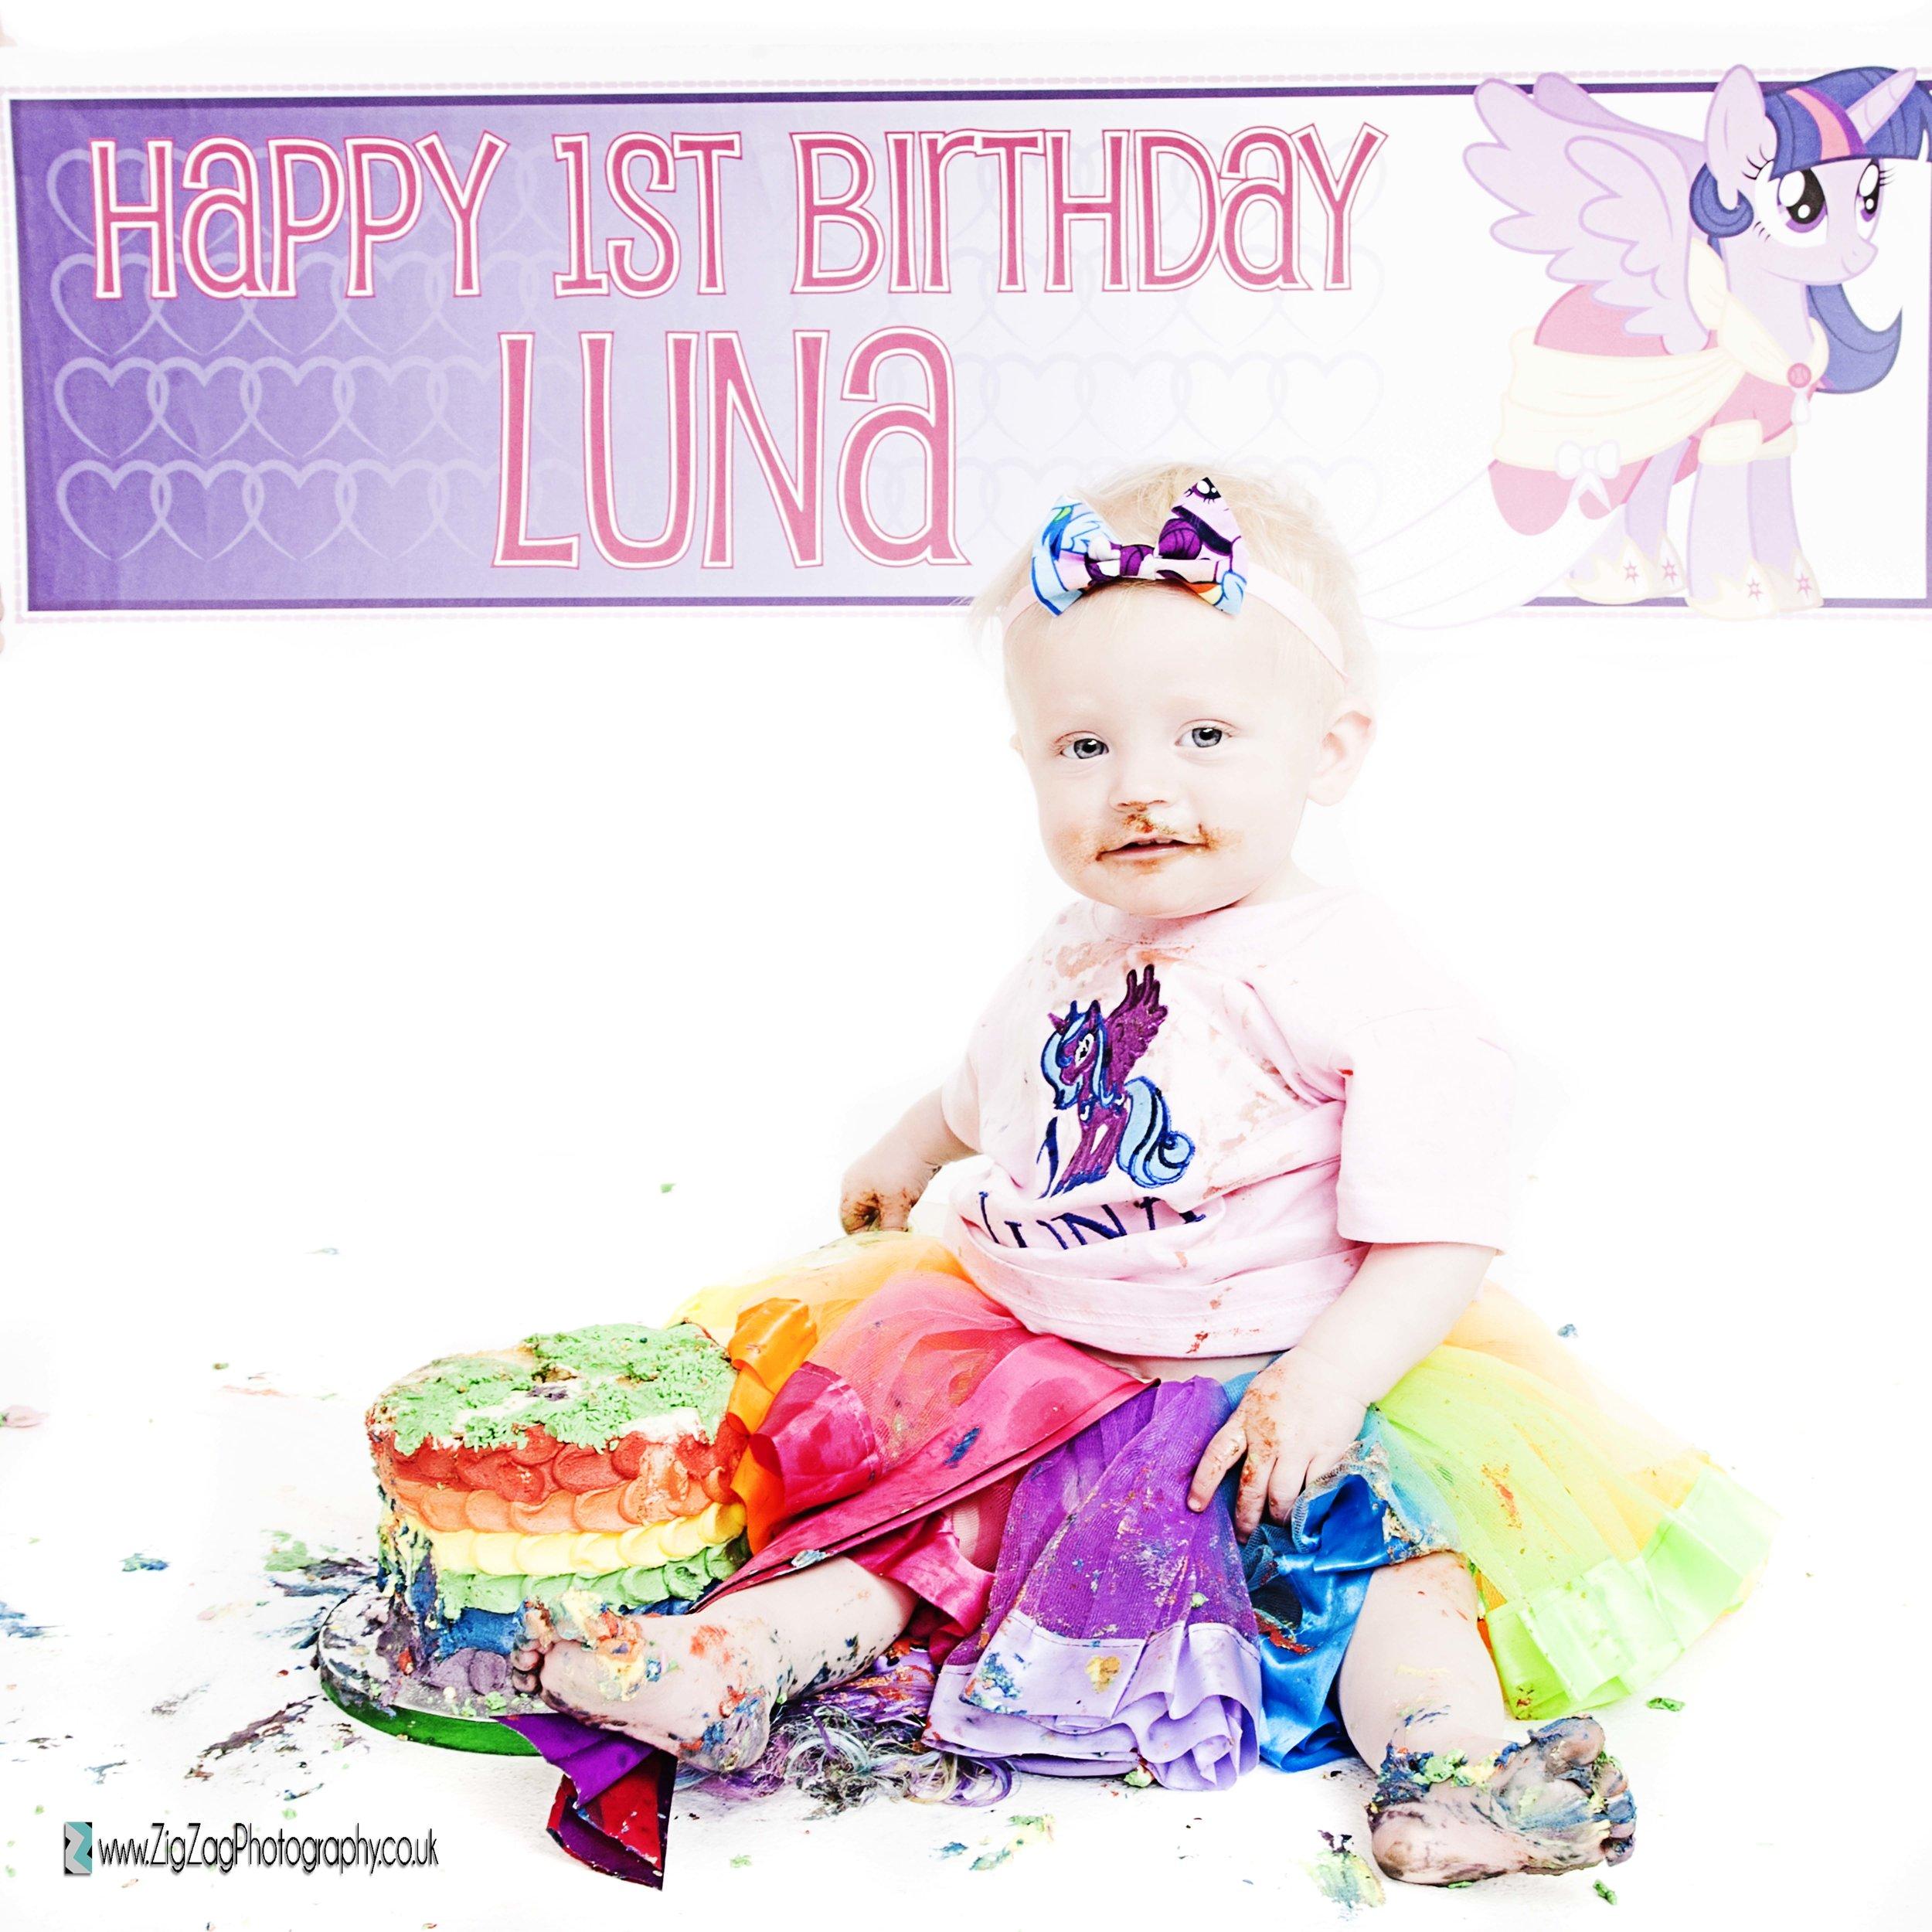 photography-session-leicester-studio-photoshoot-zigzag-cakesmash-cake-smash-colourful-messy-girl-baby-birthday-celebrate-headband-pony-little-tutu-rainbow.jpg